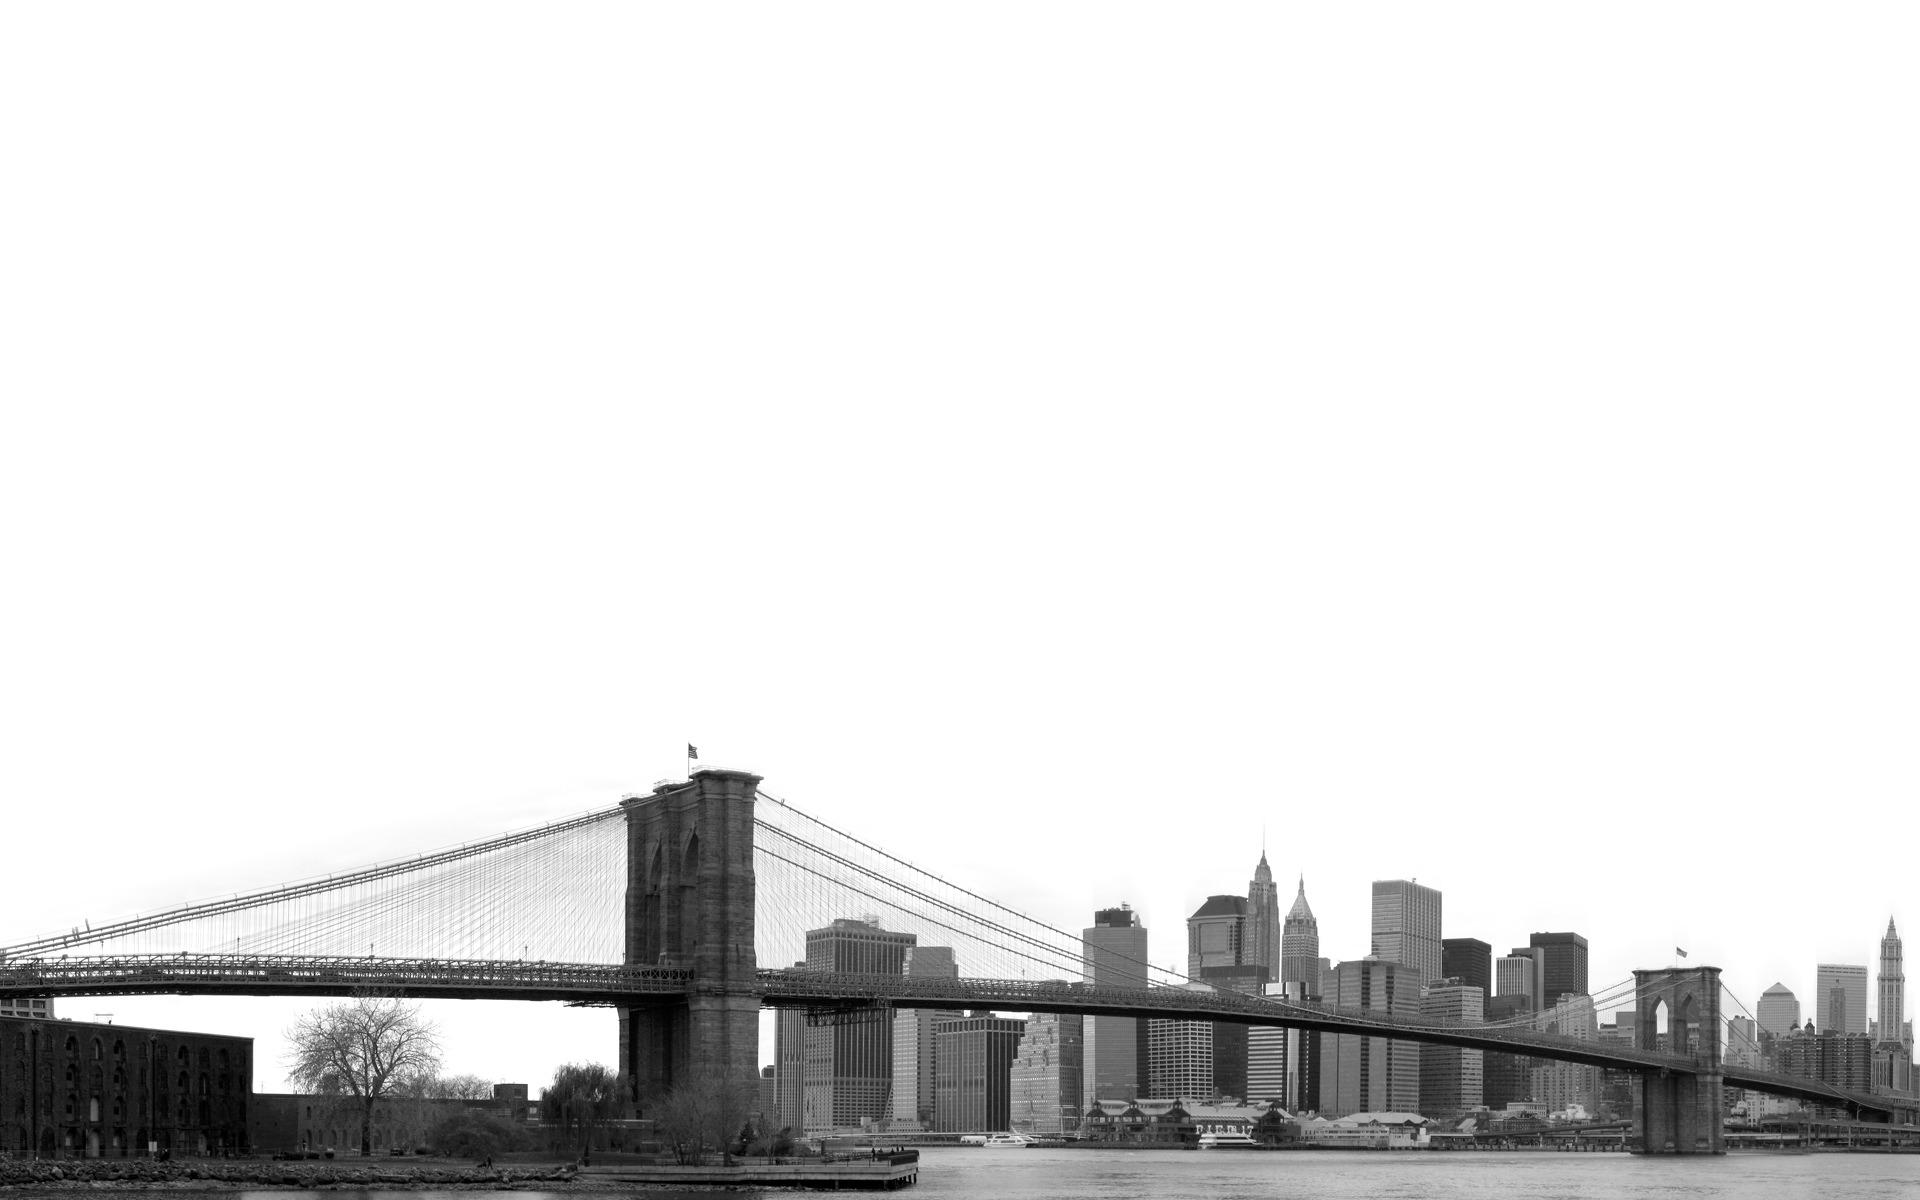 1920x1200 Brooklyn Bridge Png Hd Transparent Brooklyn Bridge Hd.png Images